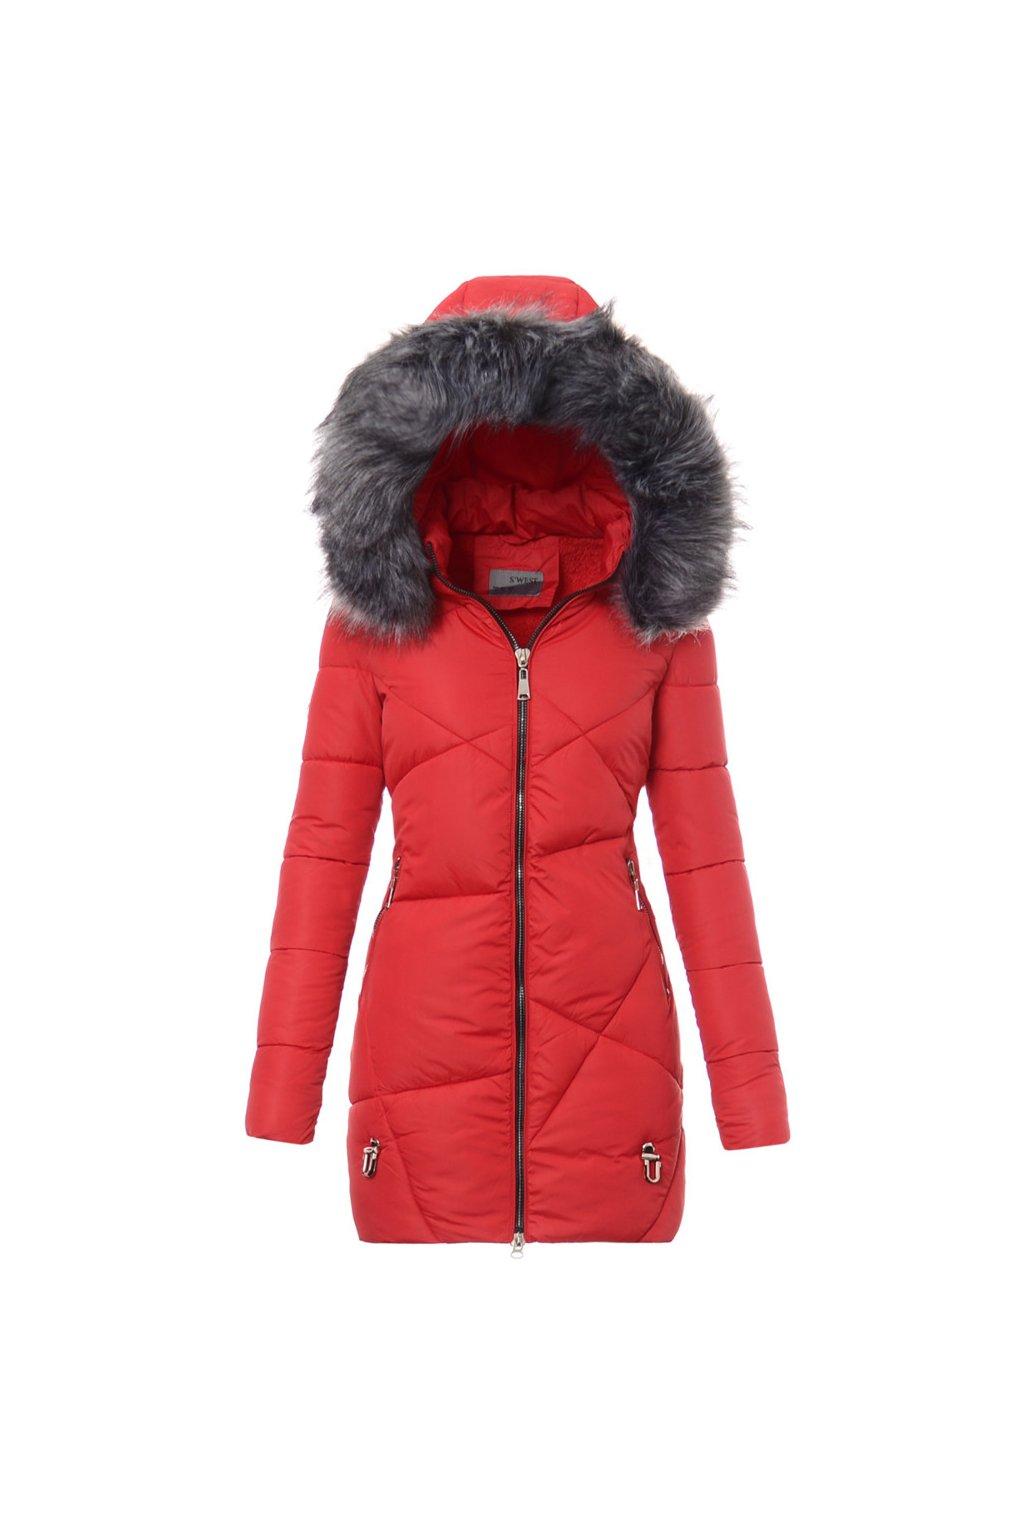 Dámska dlhá zimná bunda s kapucňou 5504 červená